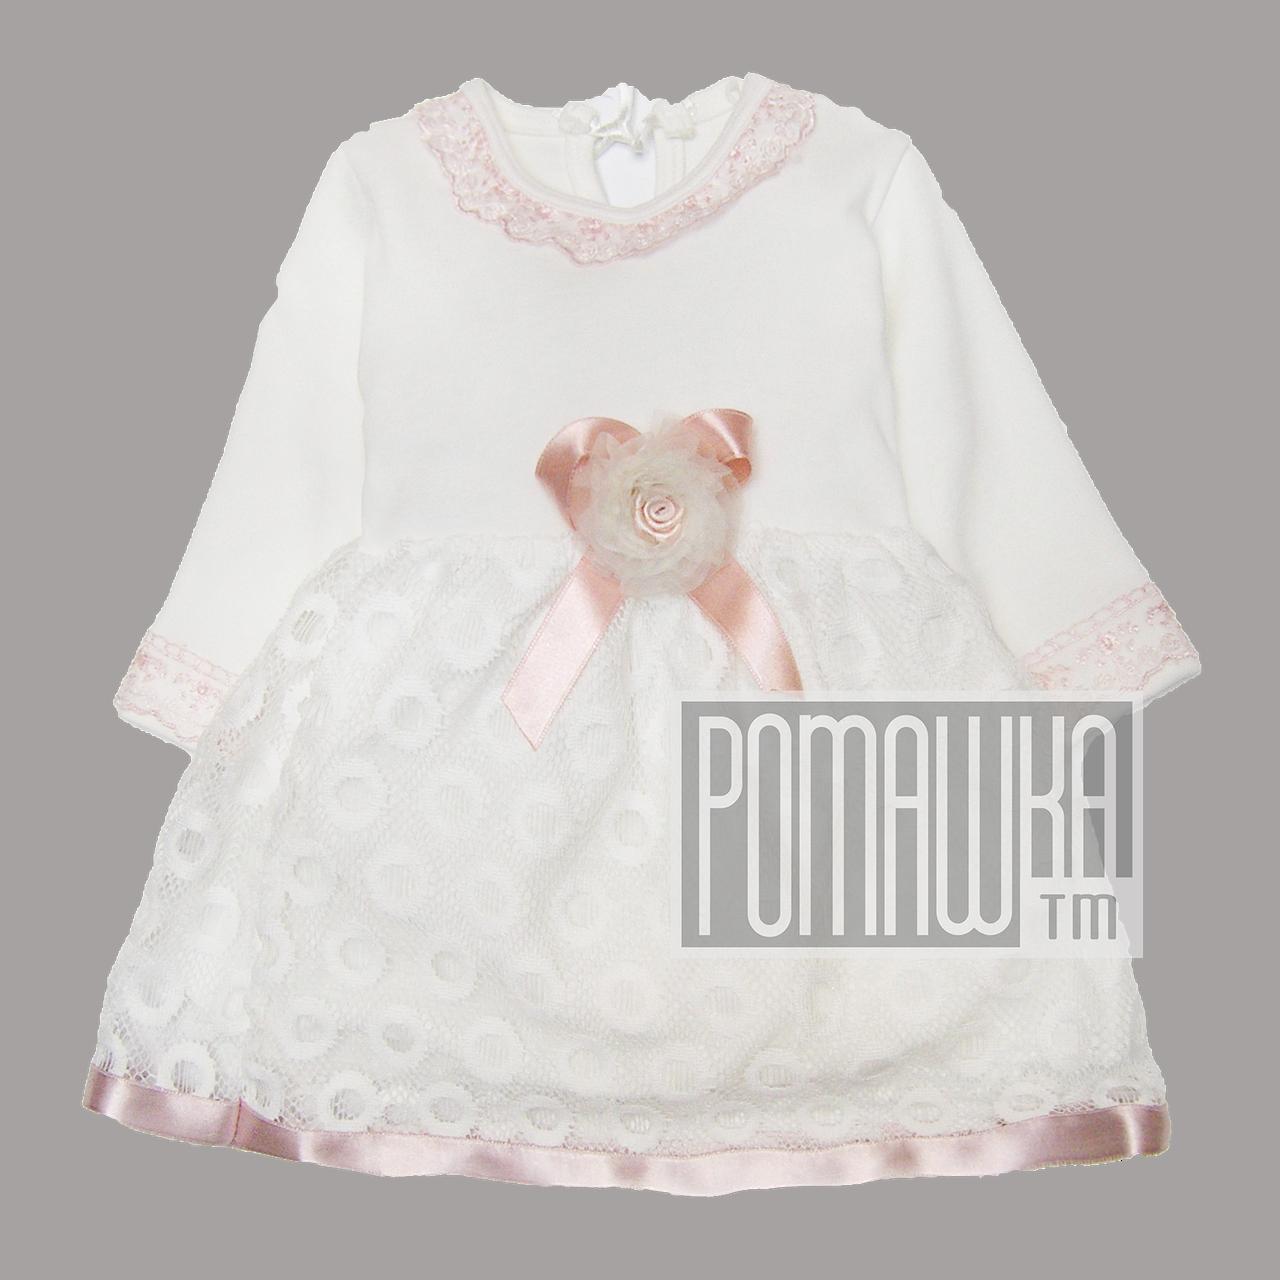 Дитяча сукня р. 74 для дівчинки тканина ІНТЕРЛОК 100% бавовна 4311 Бежевий